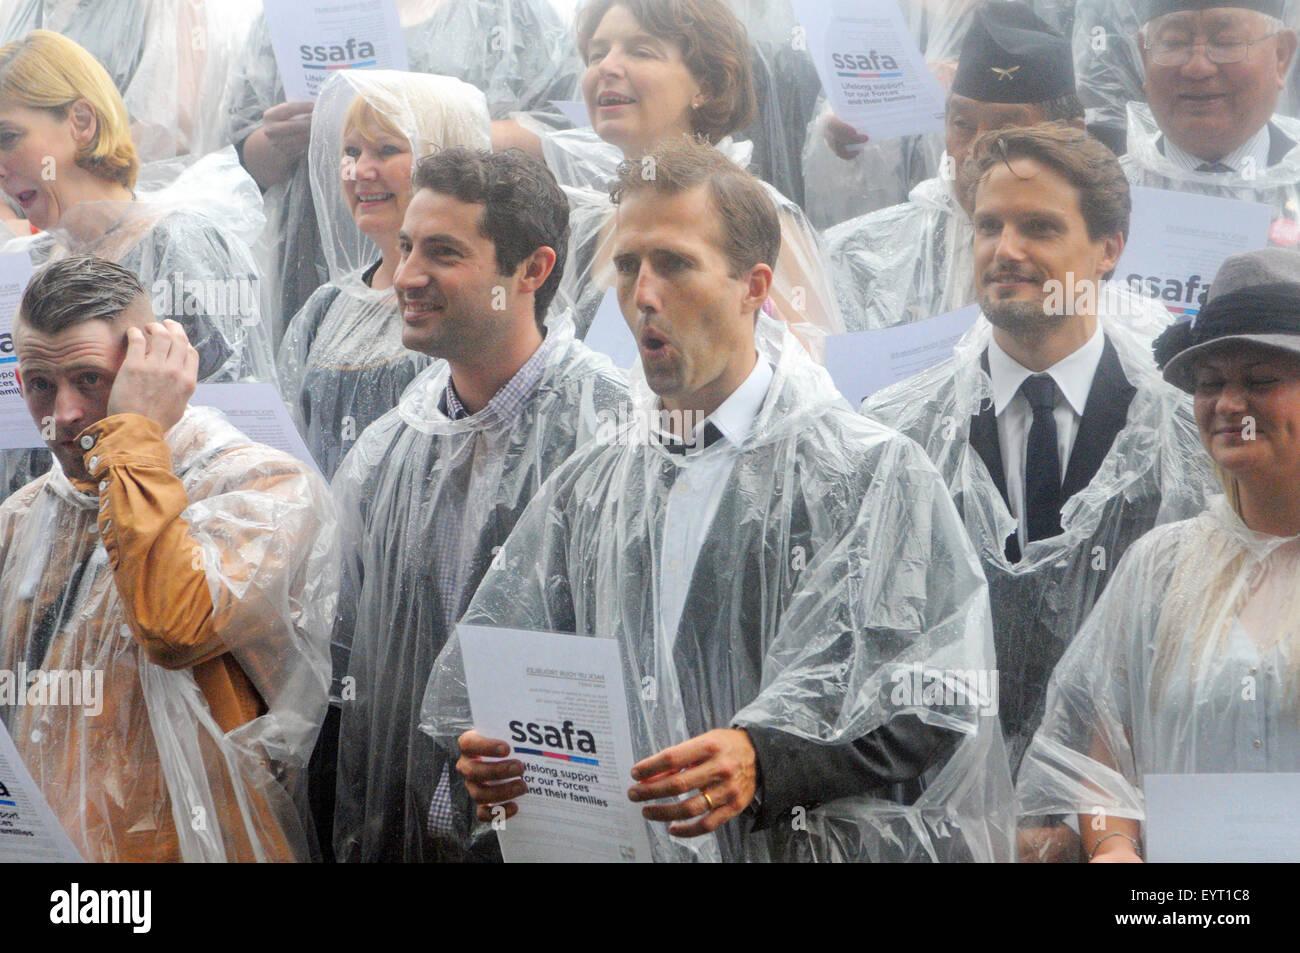 London, UK, 08.10.2014, SSAFA, The Großbritanniens älteste militärische Nächstenliebe startet Stockbild